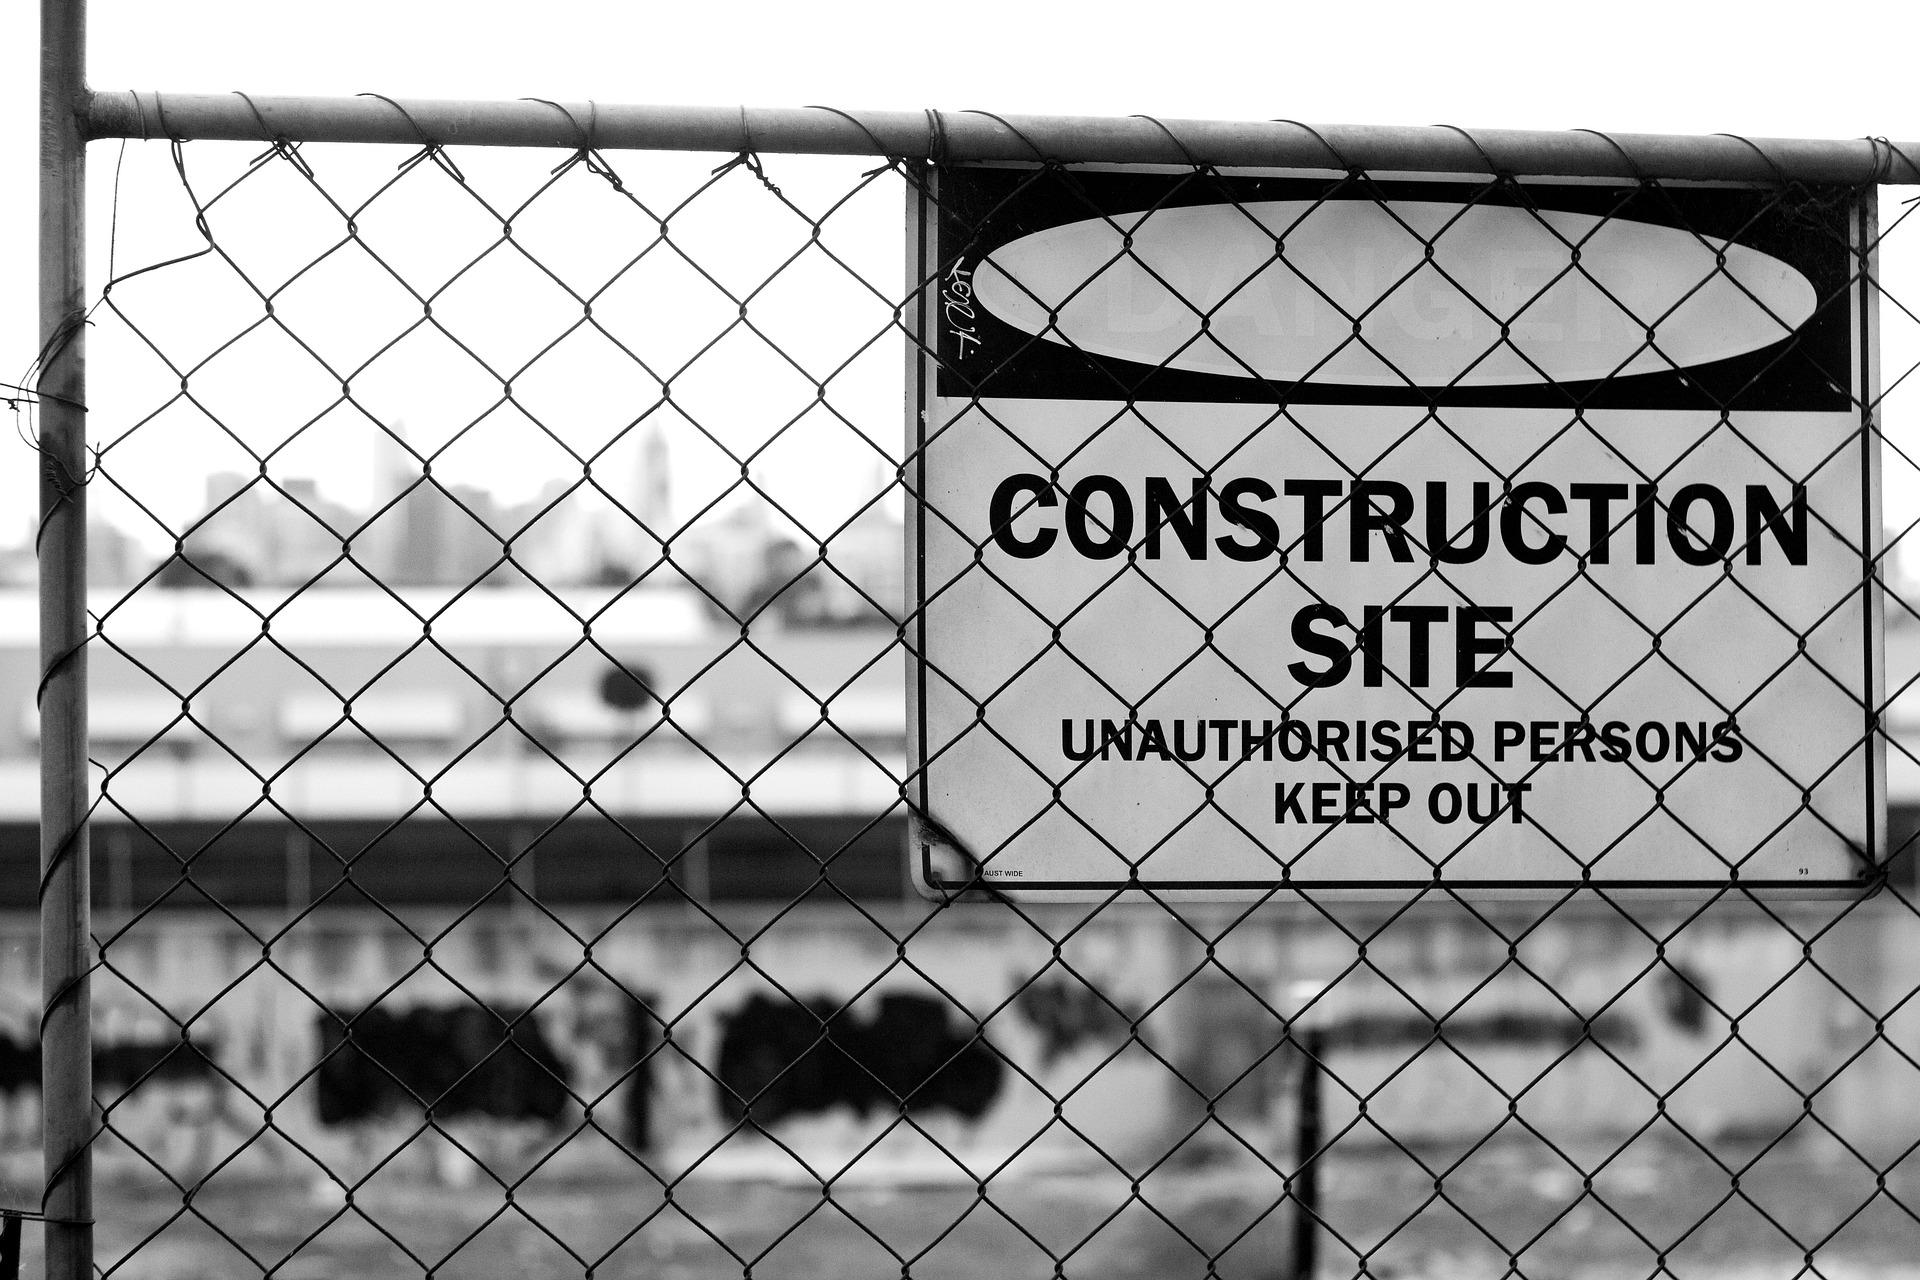 La barrière de chantier